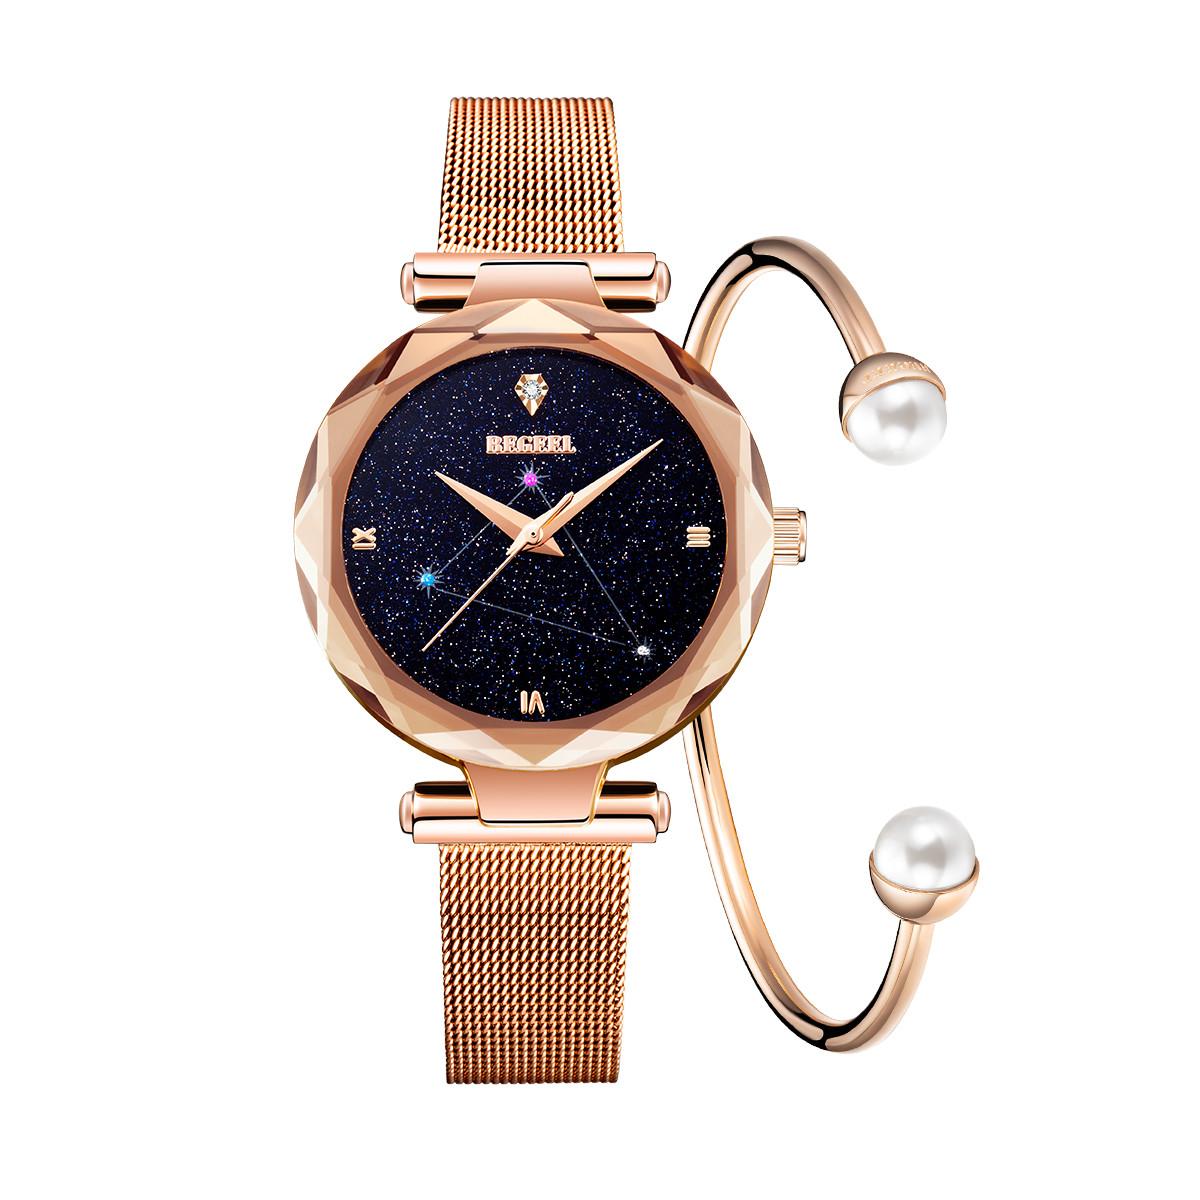 宾爵宾爵新款网红手表进口机芯精钢防水女士手表百搭学生表B945L2B2B